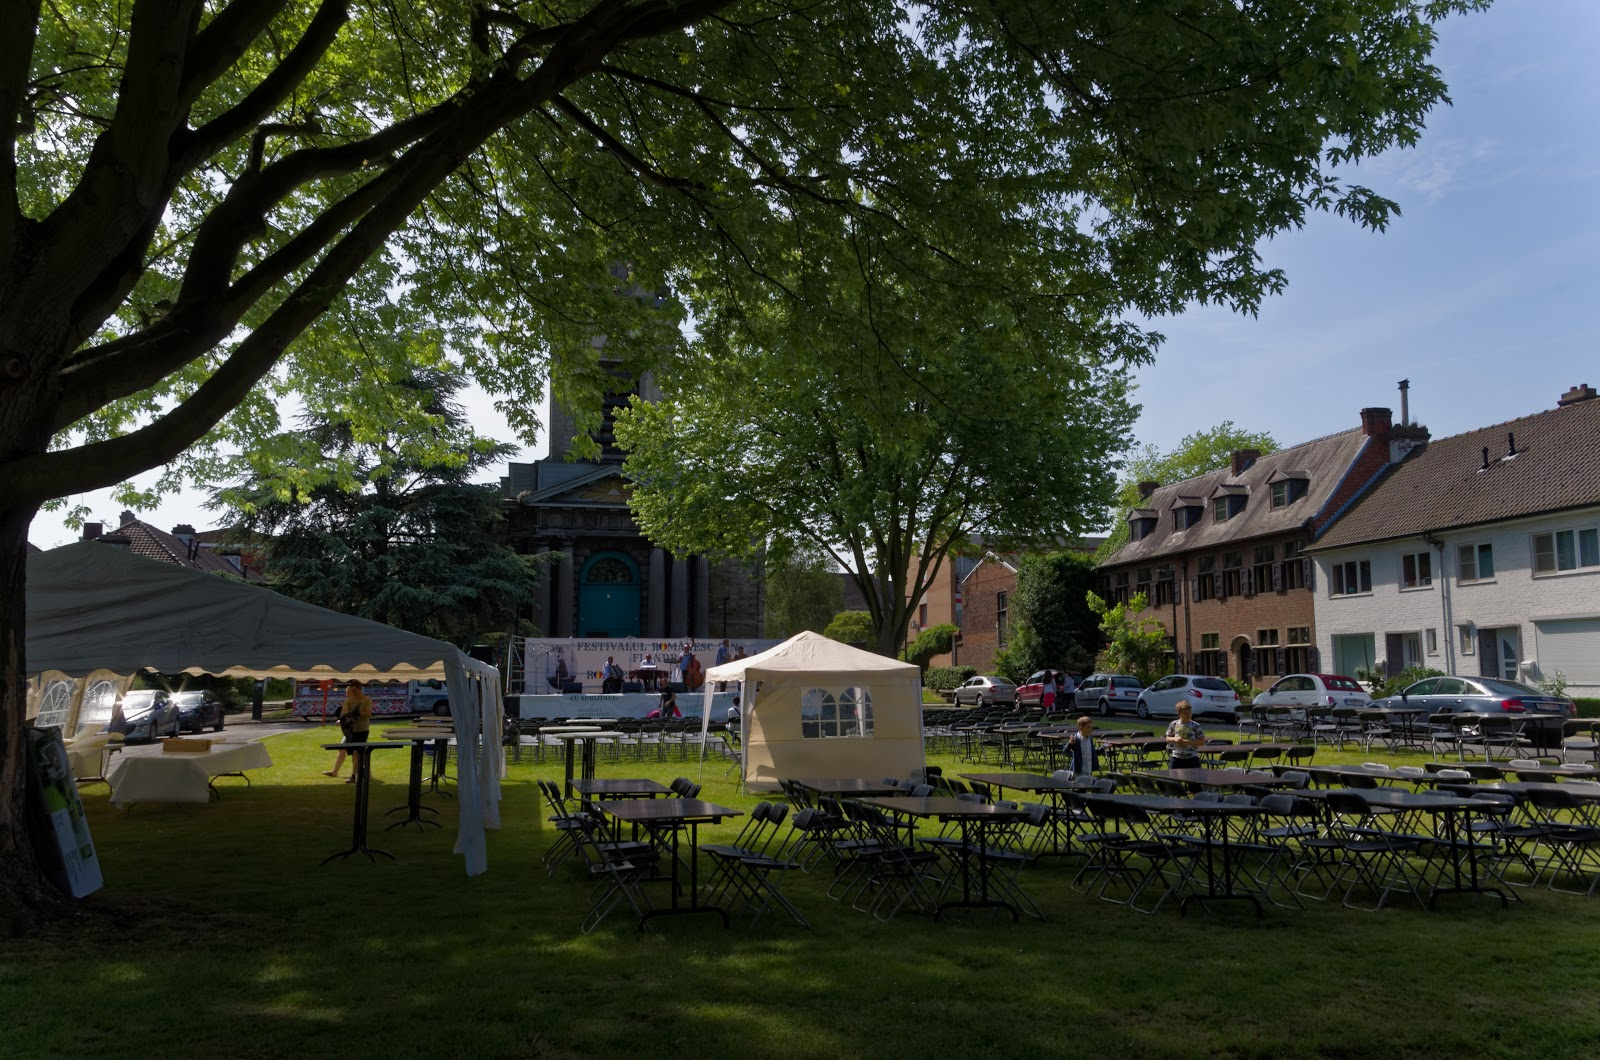 4de editie - Roemeens festival van Vlaanderen - Festivalul Romanesc din Flandra